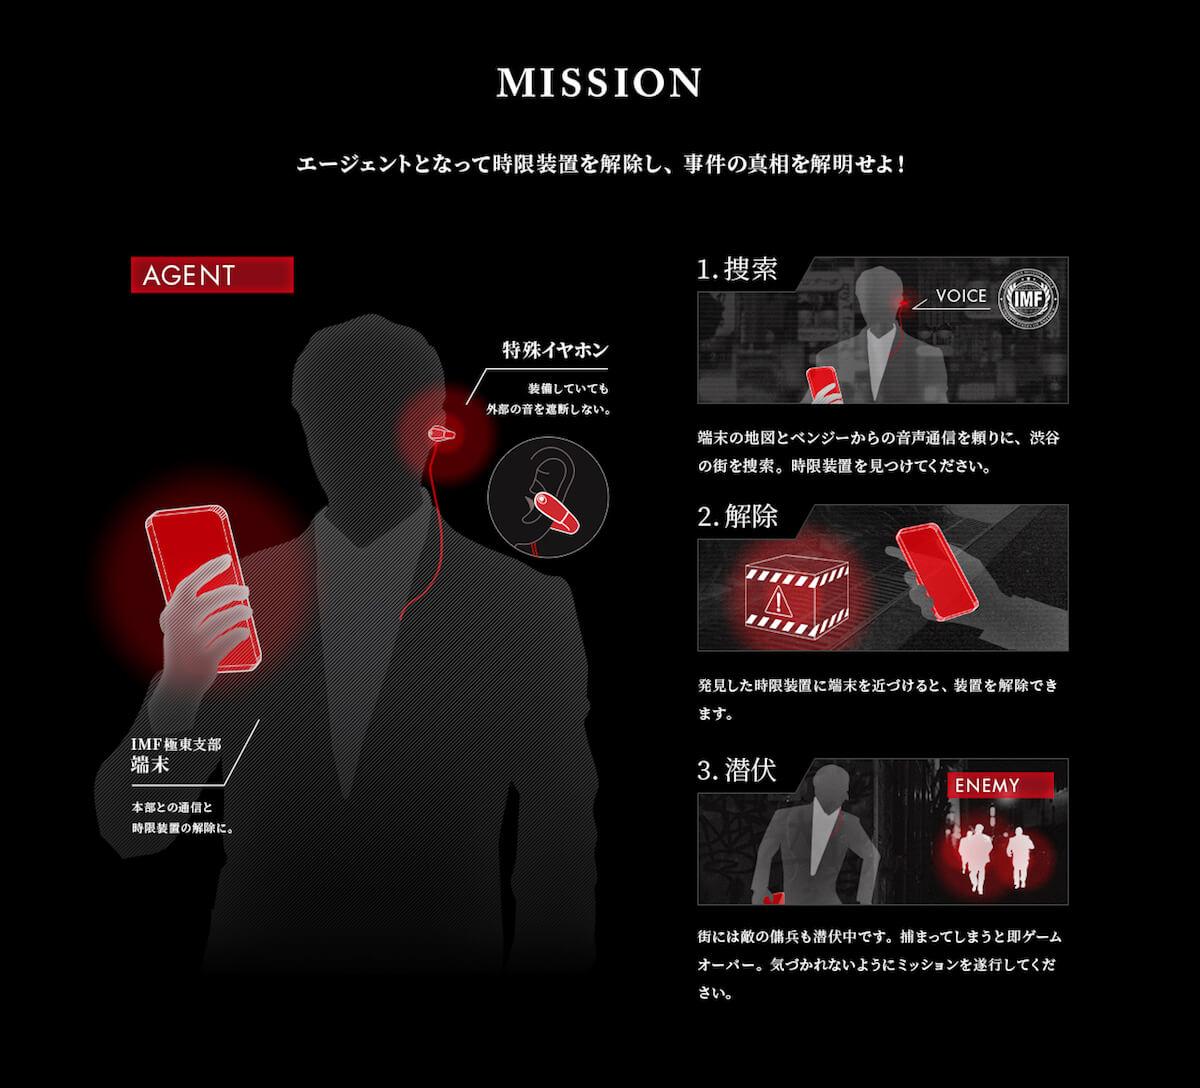 映画『ミッション:インポッシブル』の世界を体感!音声ARスパイゲームイベント<渋谷フォールアウト>開催 film180613_missionimpossible_03